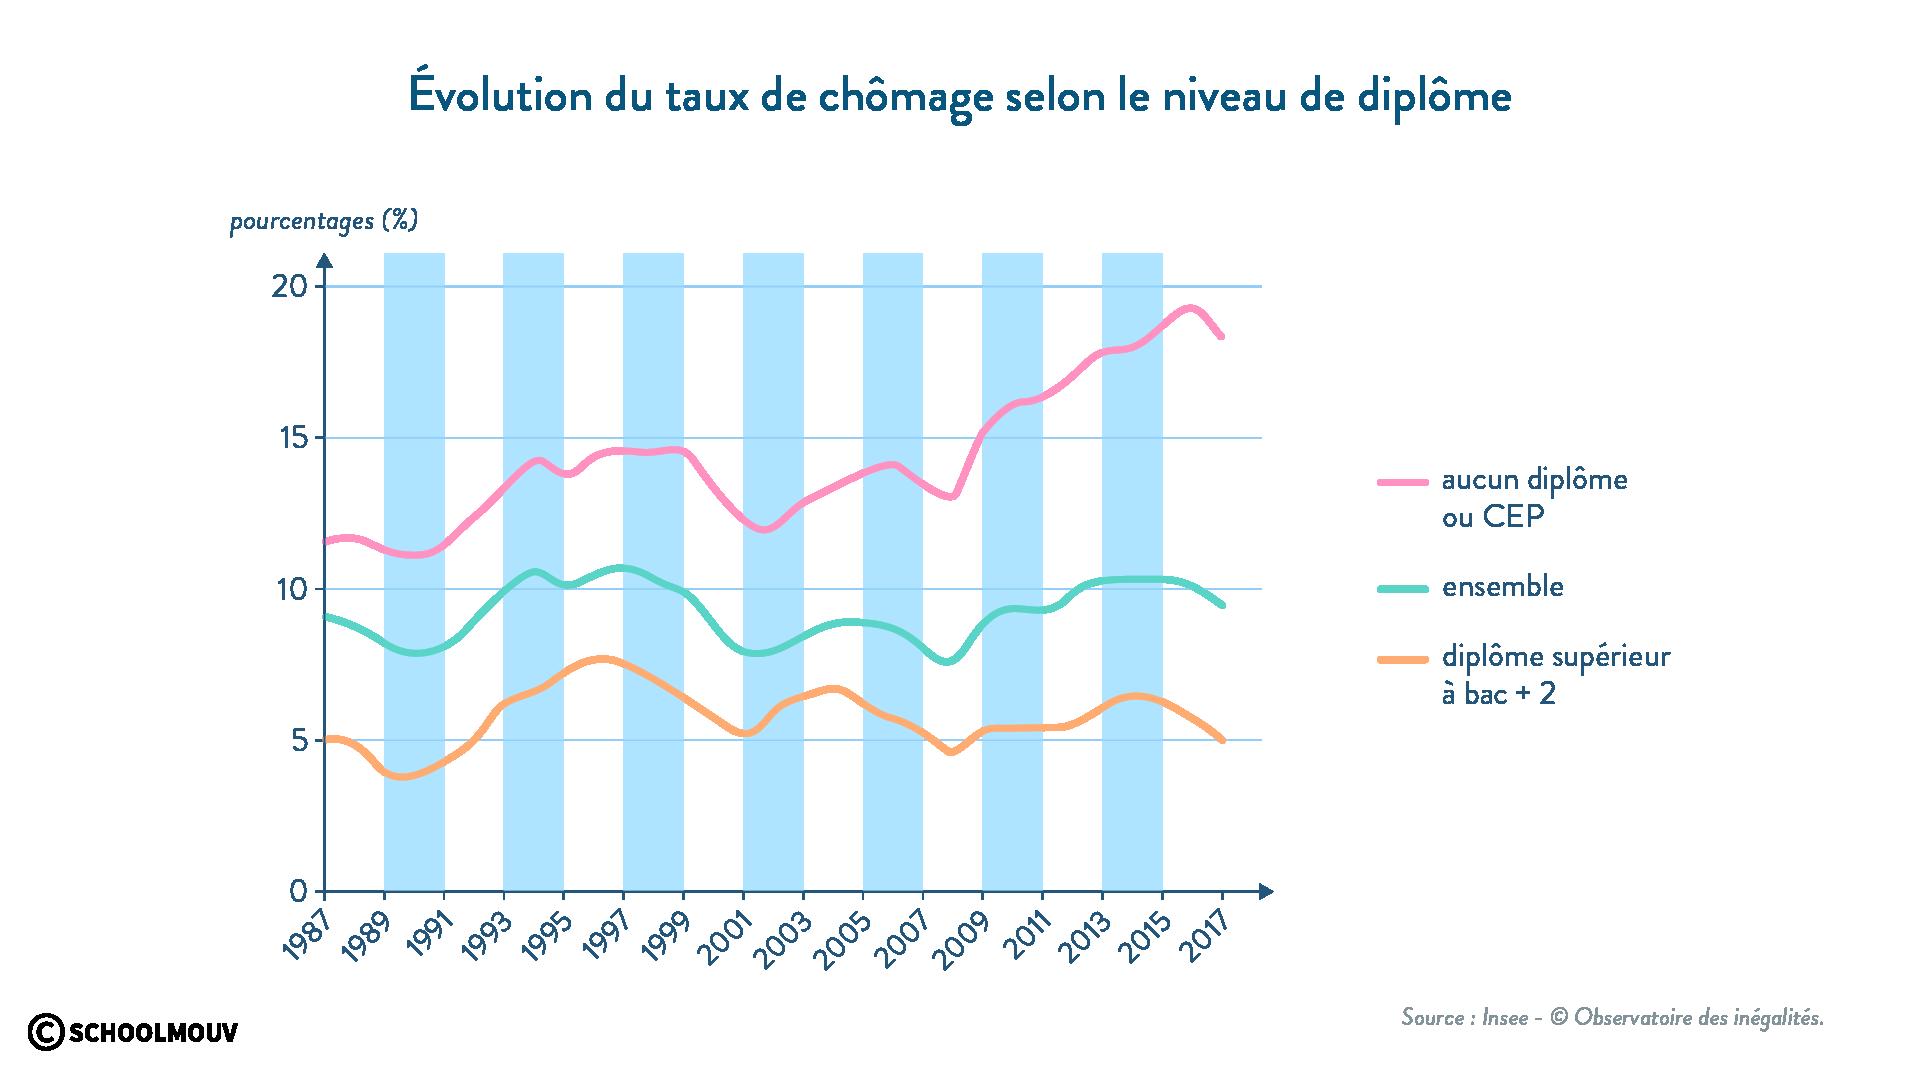 évolution du taux de chômage selon le niveau de diplome